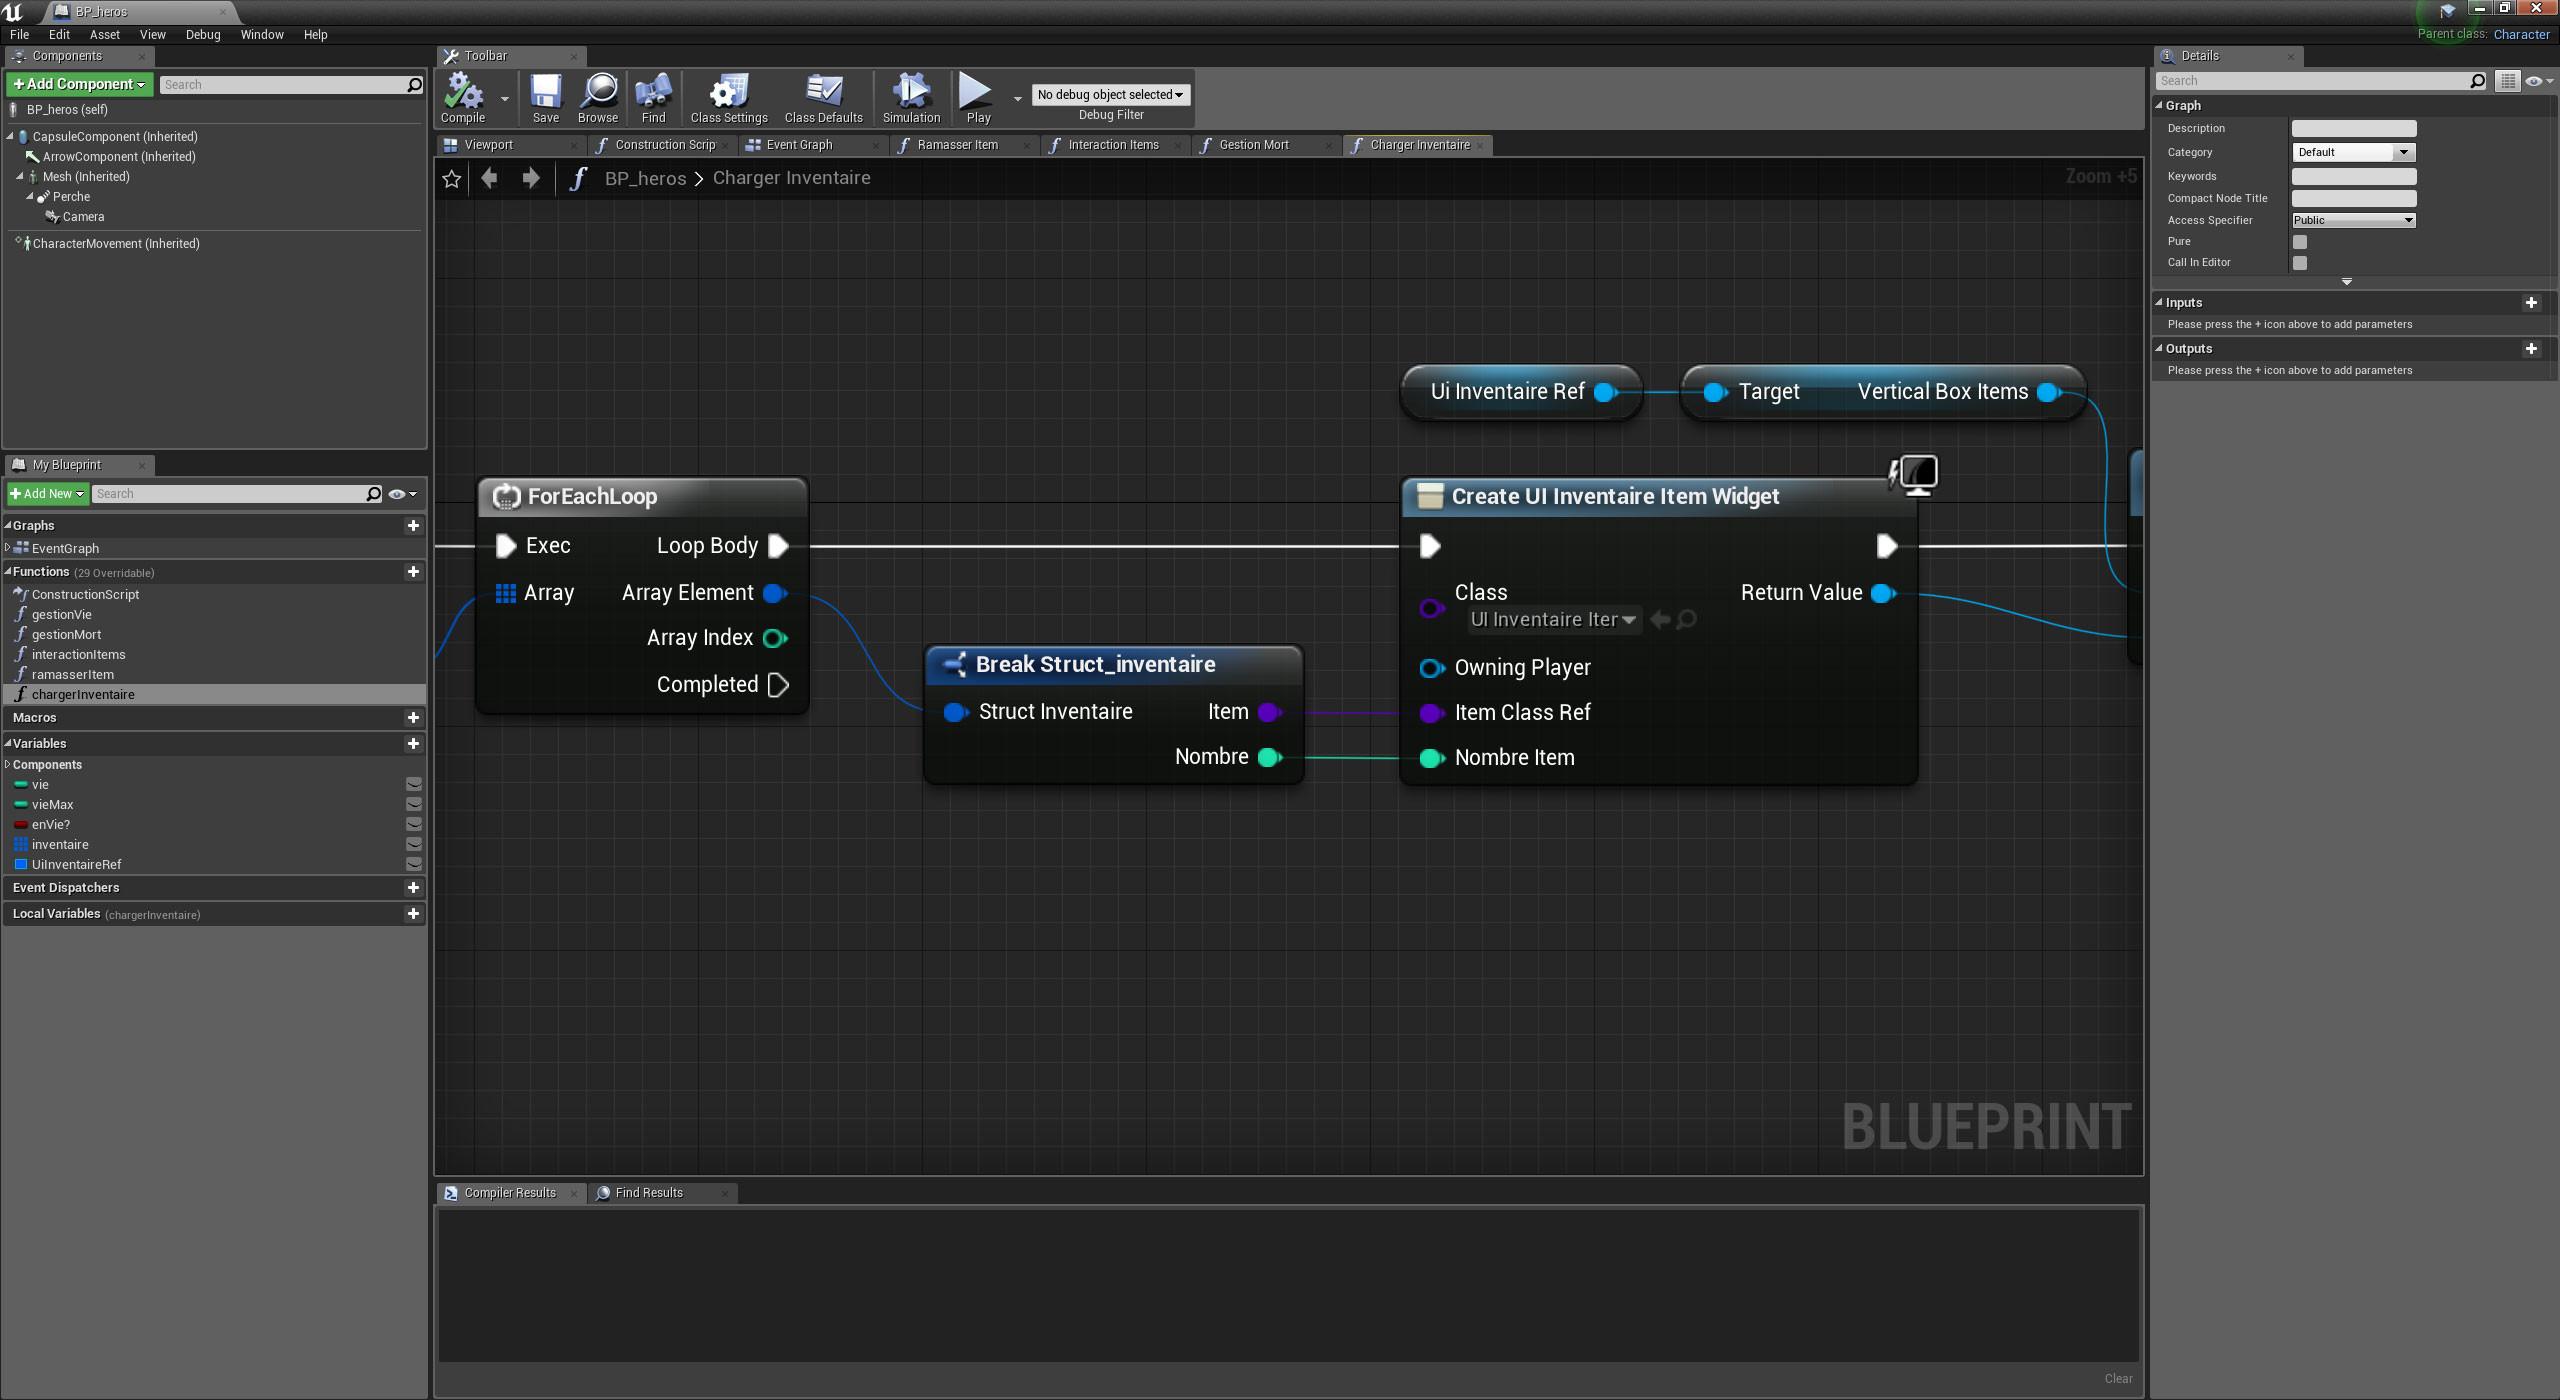 TUTO Création d'un RPG avec Unreal Engine - Formation Year One avec Unreal  Engine sur Tuto com